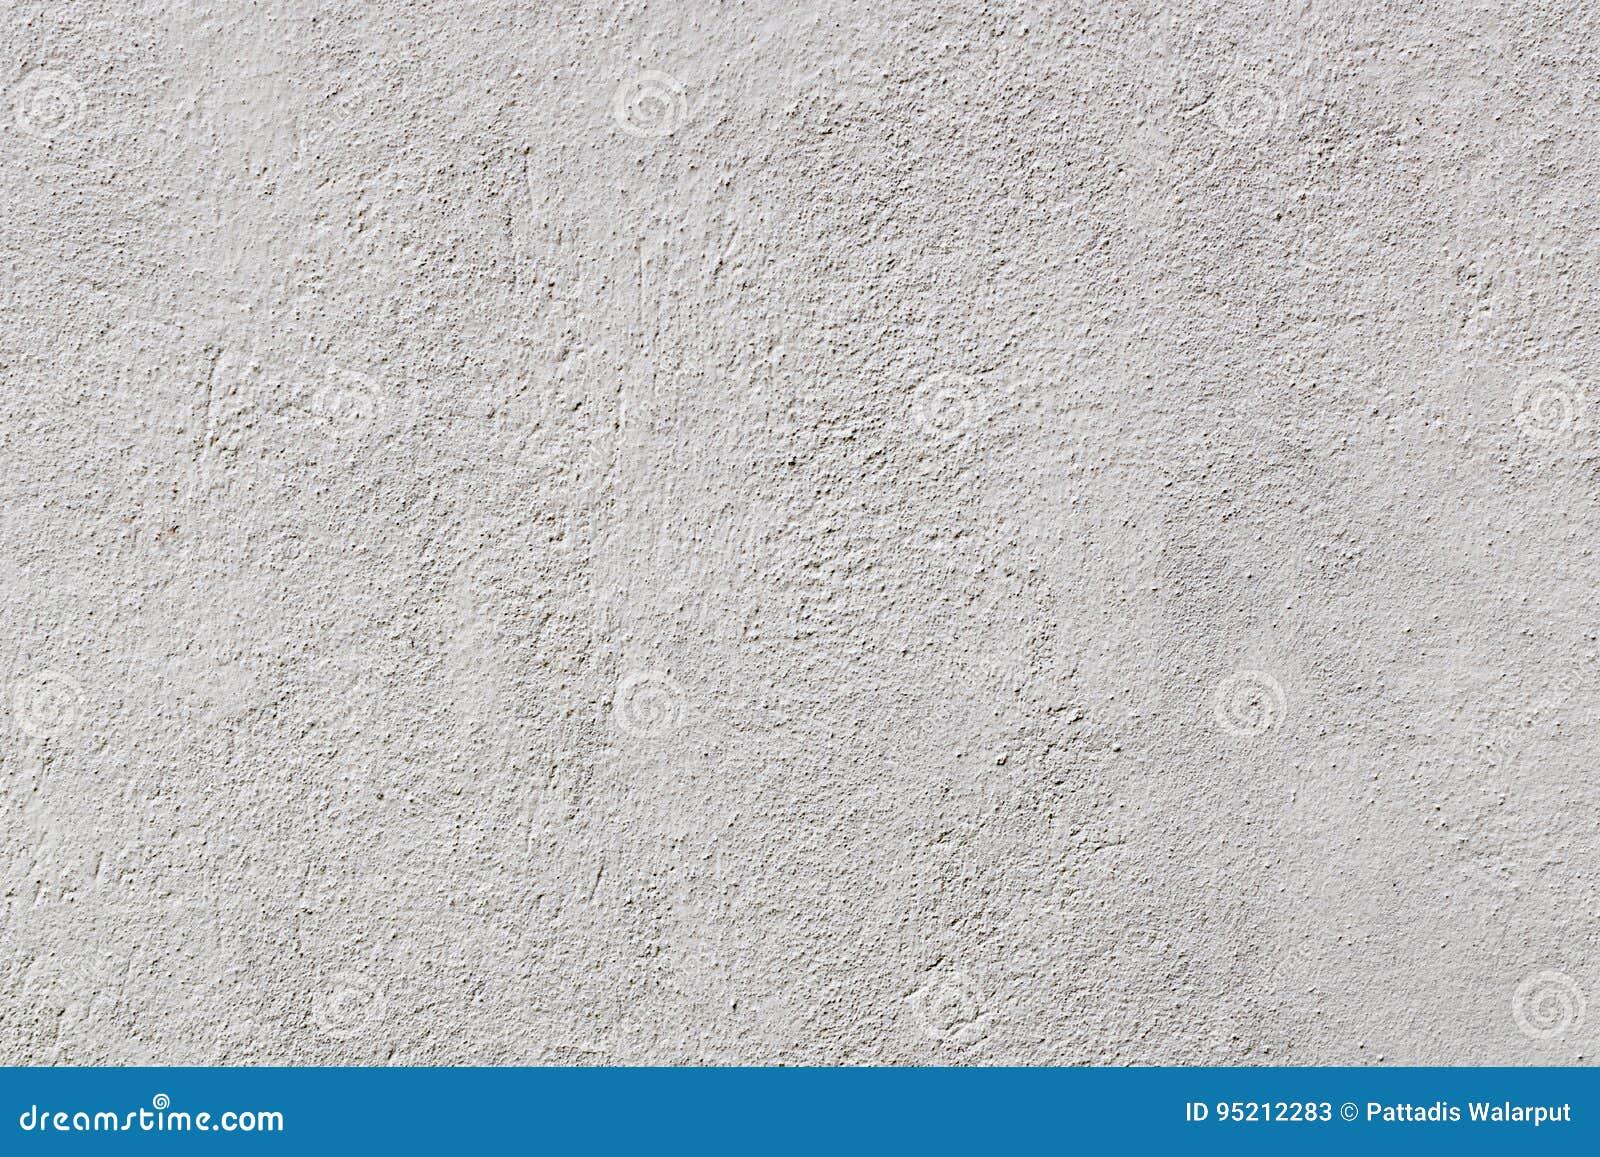 Pittura Per Cemento Esterno : Muro di cemento bianco della pittura della sbucciatura immagine